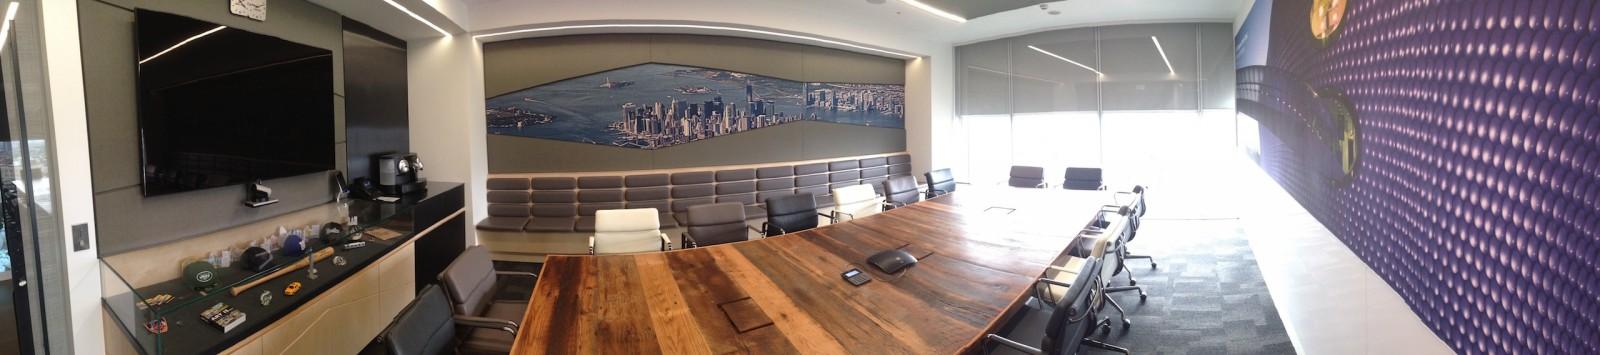 Hendersons-New-York-Pano-1600x355.jpg